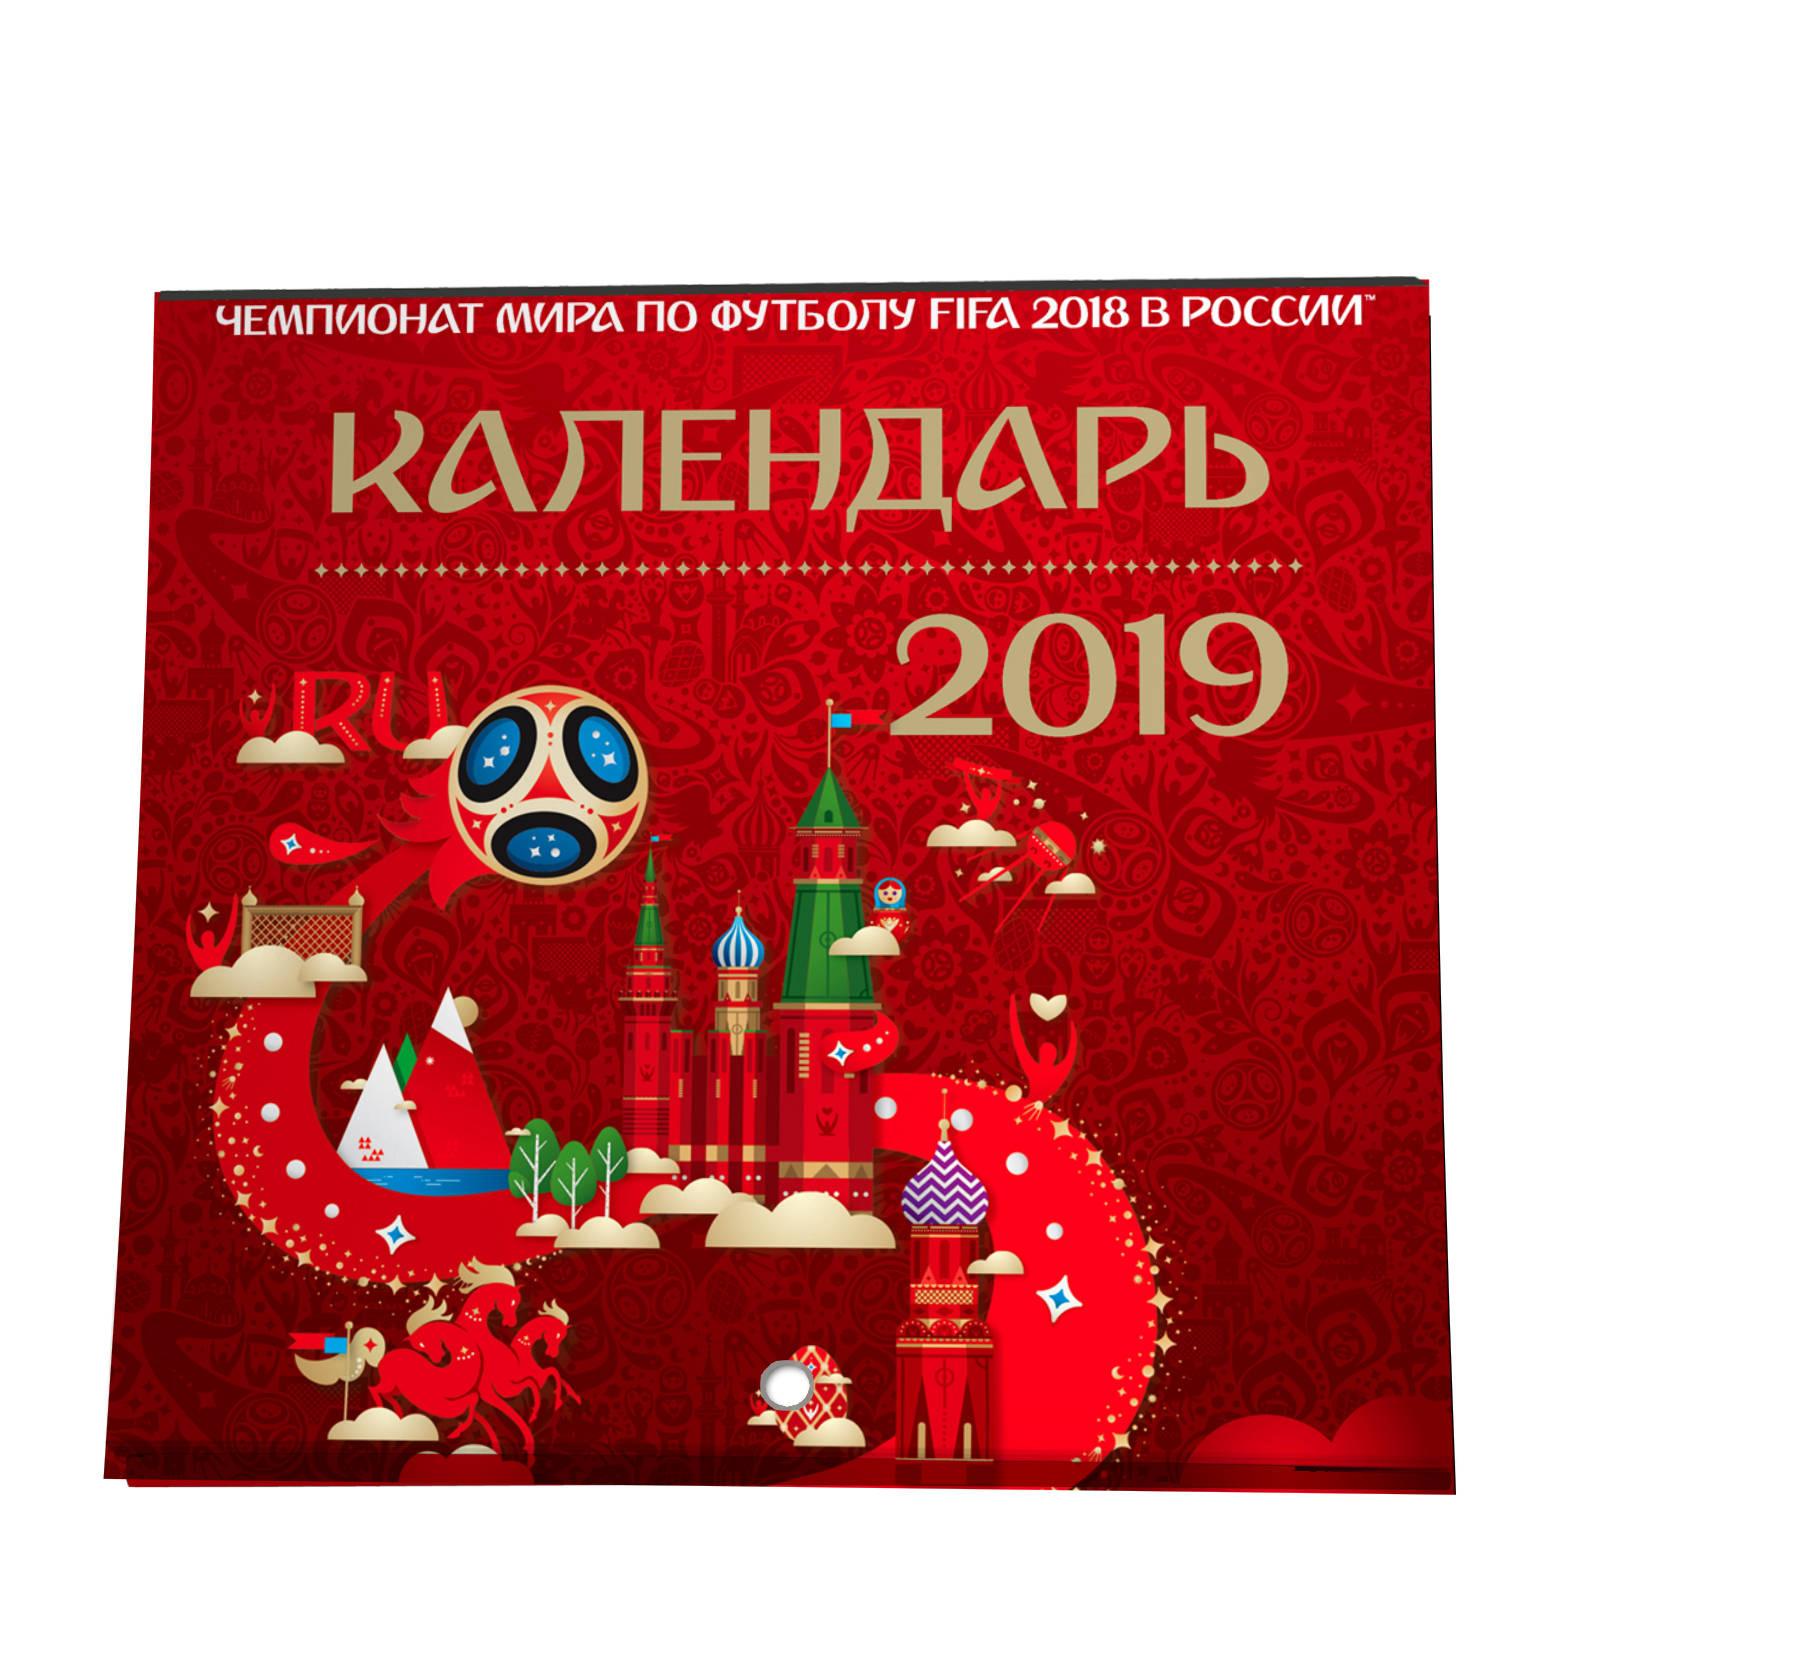 Чемпионат мира по футболу FIFA 2019 в России™ монета номиналом 25 рублей в специальном исполнении чемпионат мира по футболу fifa 2018 в россии кубок россия 2018 год